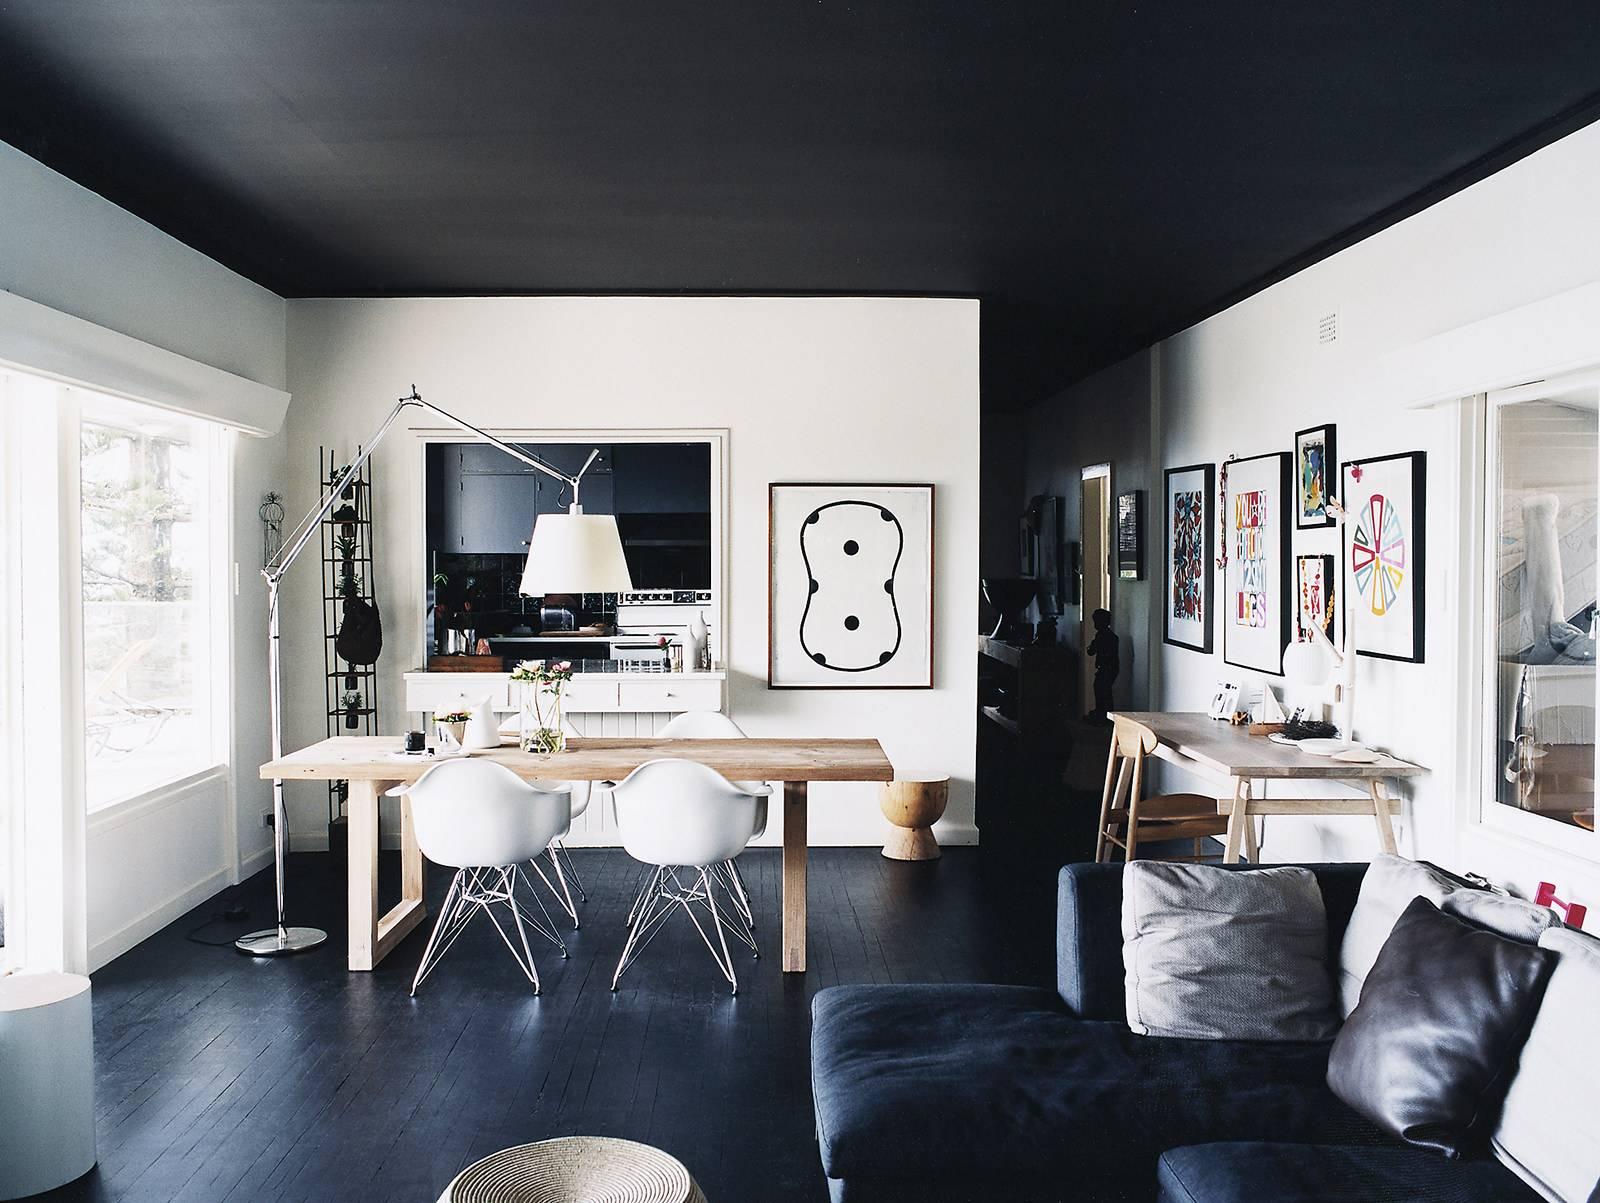 Черный потолок в комнате: особенности оформления, дизайн, виды, сочетания, фото